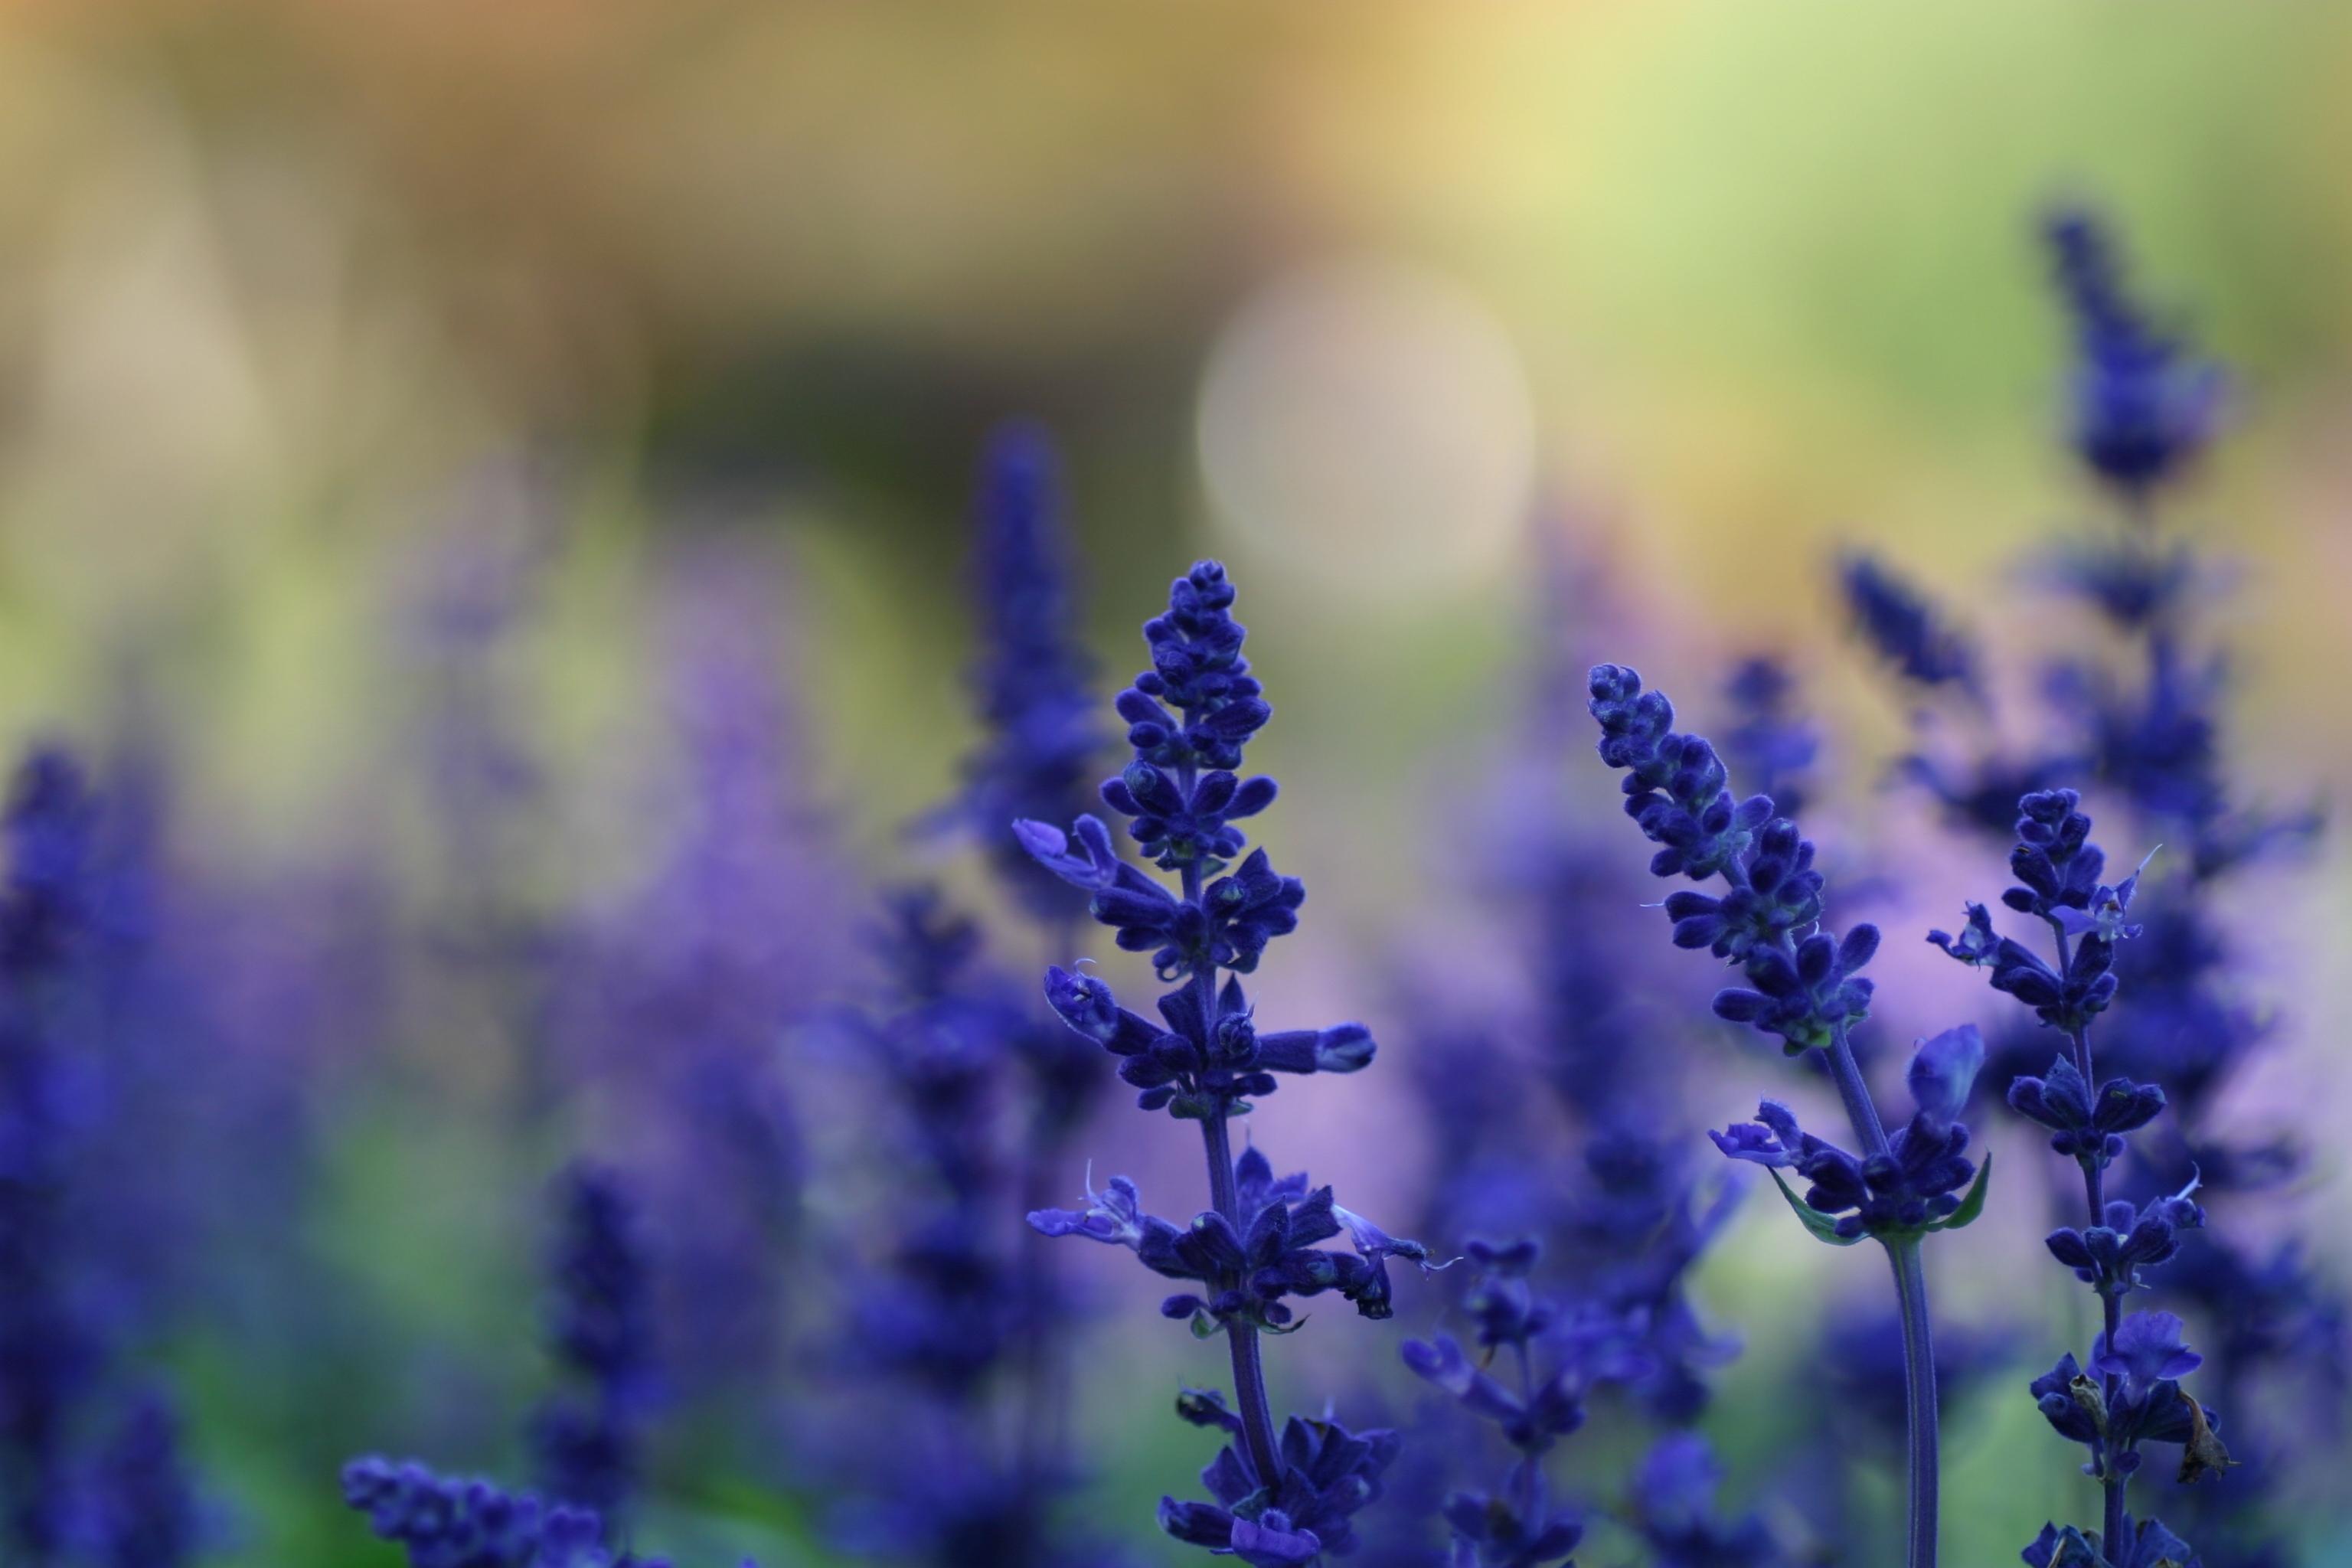 природа синие цветы nature blue flowers  № 1376474 загрузить